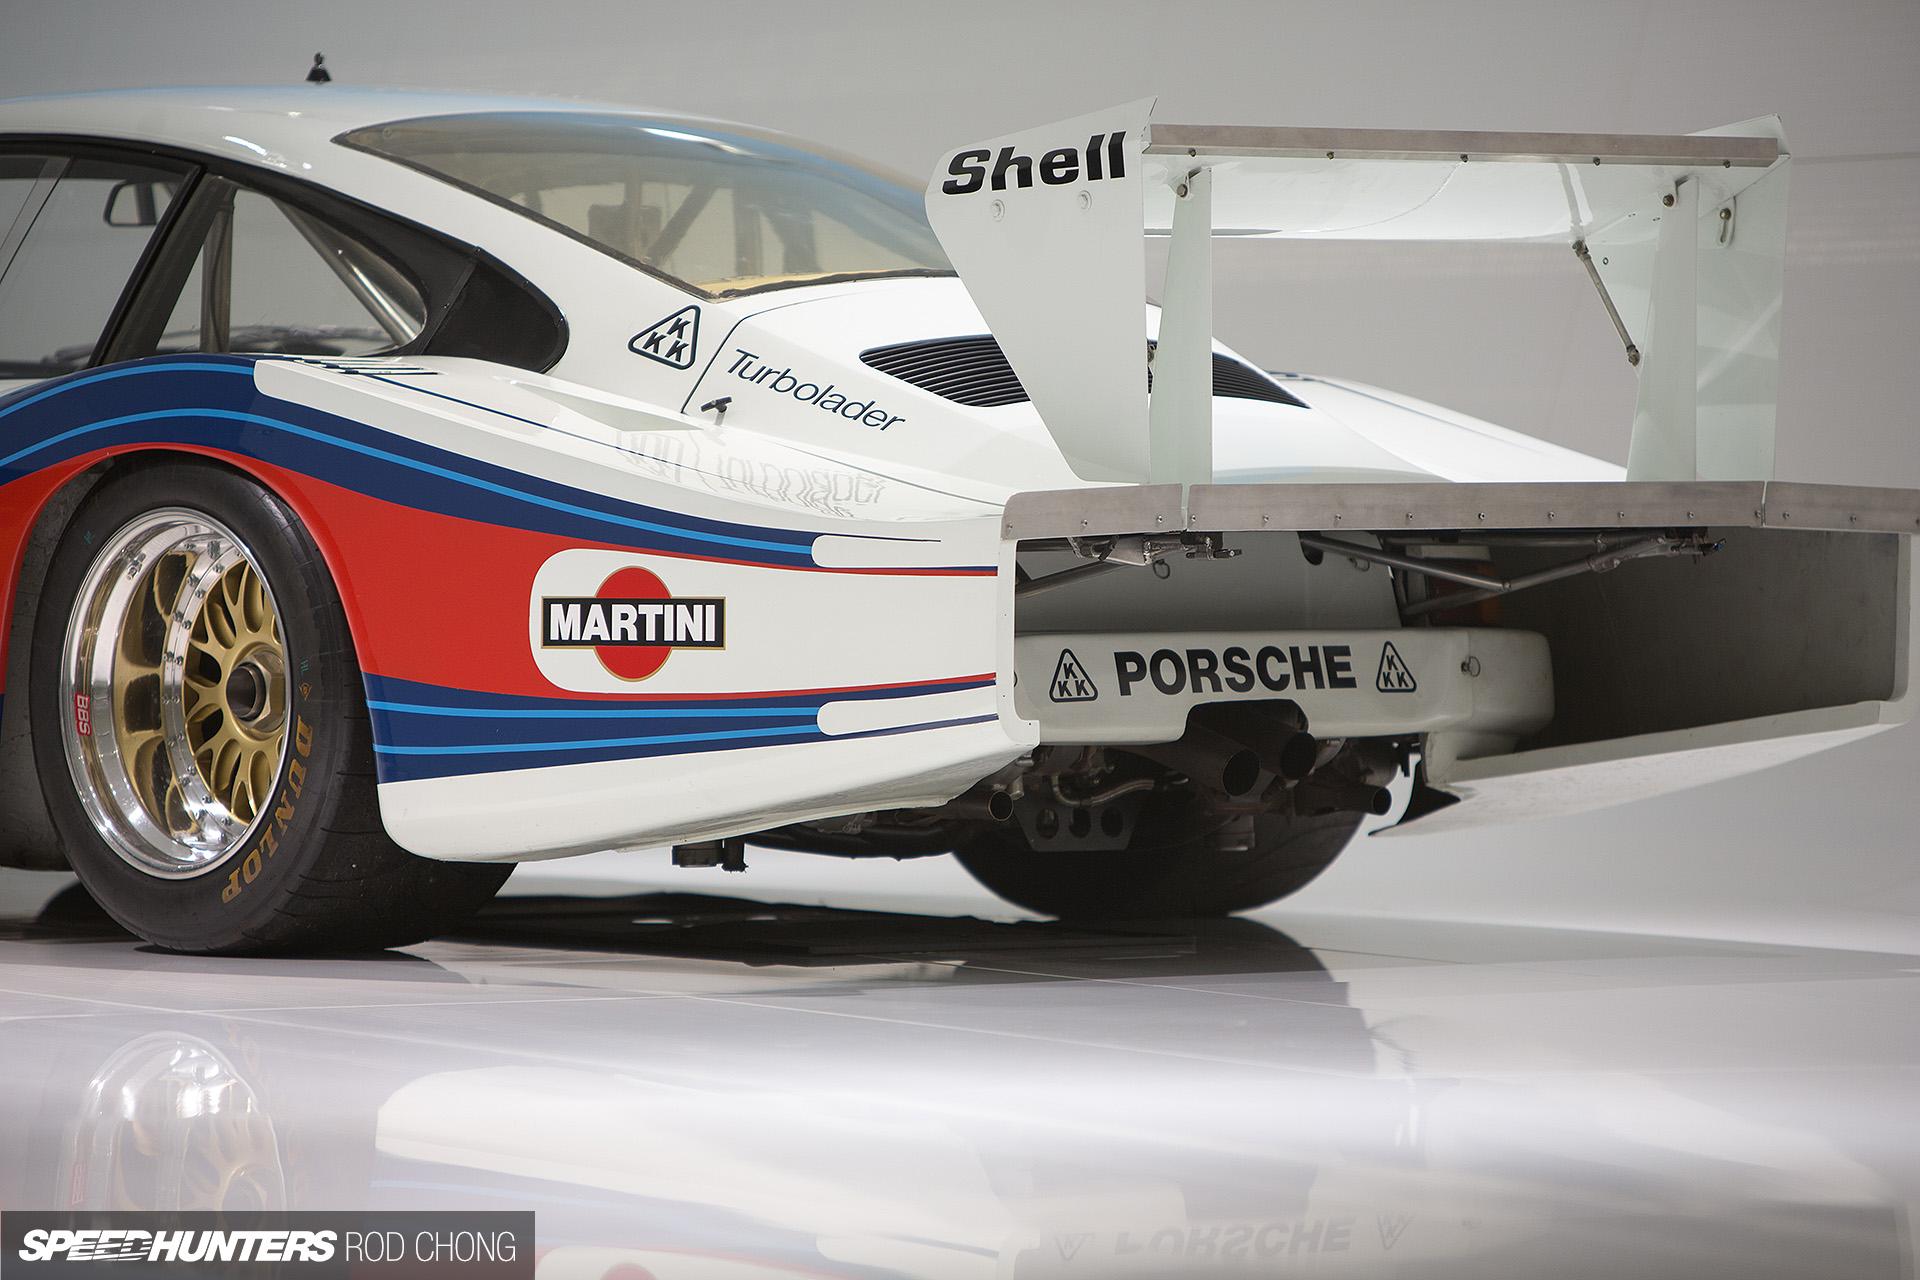 Rod-Chong-Porsche-Museum-Le-Mans-Stuttgart-5080 Breathtaking Tamiya Porsche 911 Gt1 Full View Cars Trend